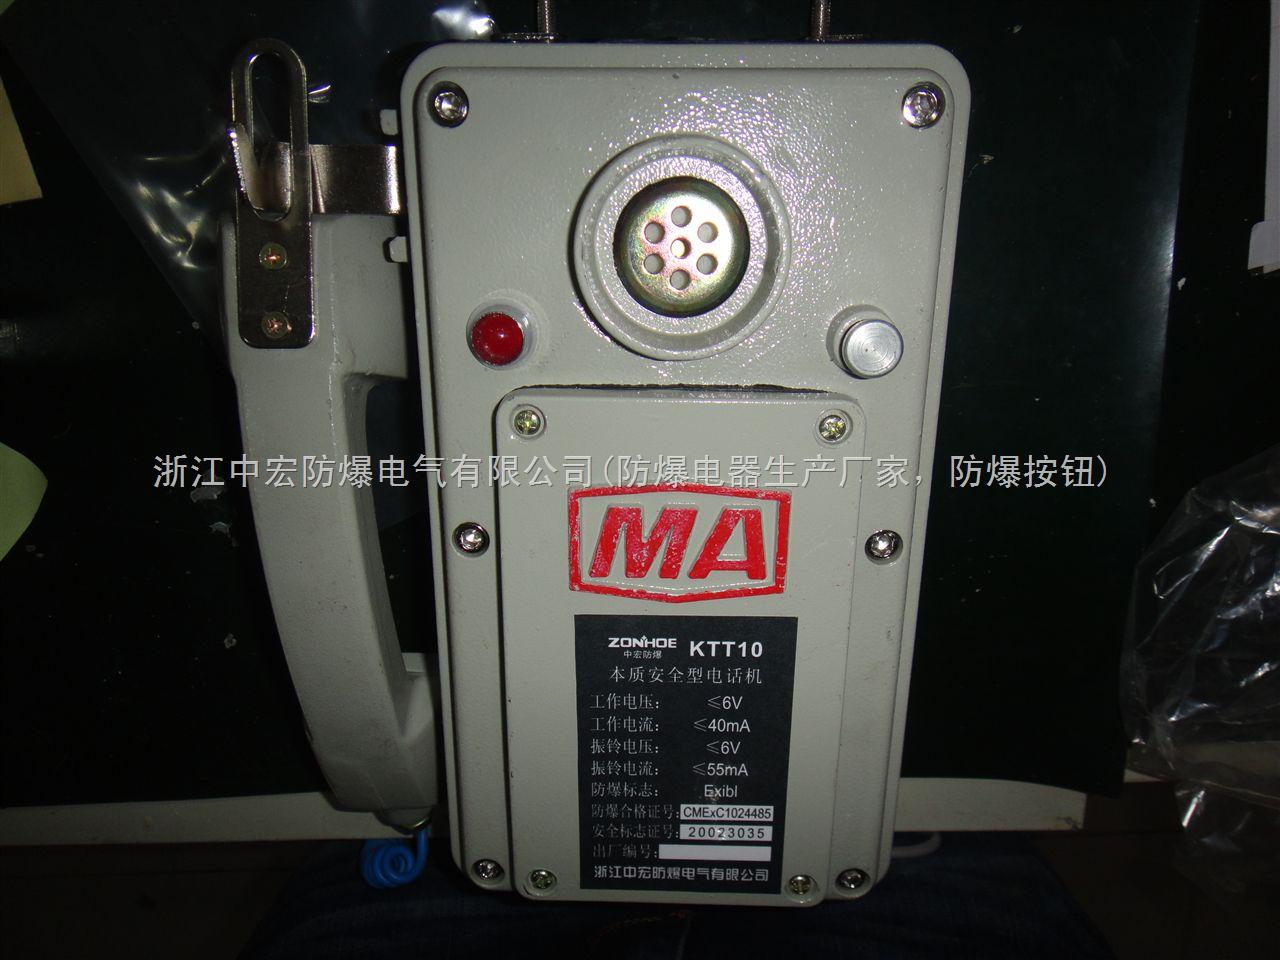 煤矿用低压电缆接线盒,煤矿用手持式钻机;湿式手持式钻机;强力煤电钻